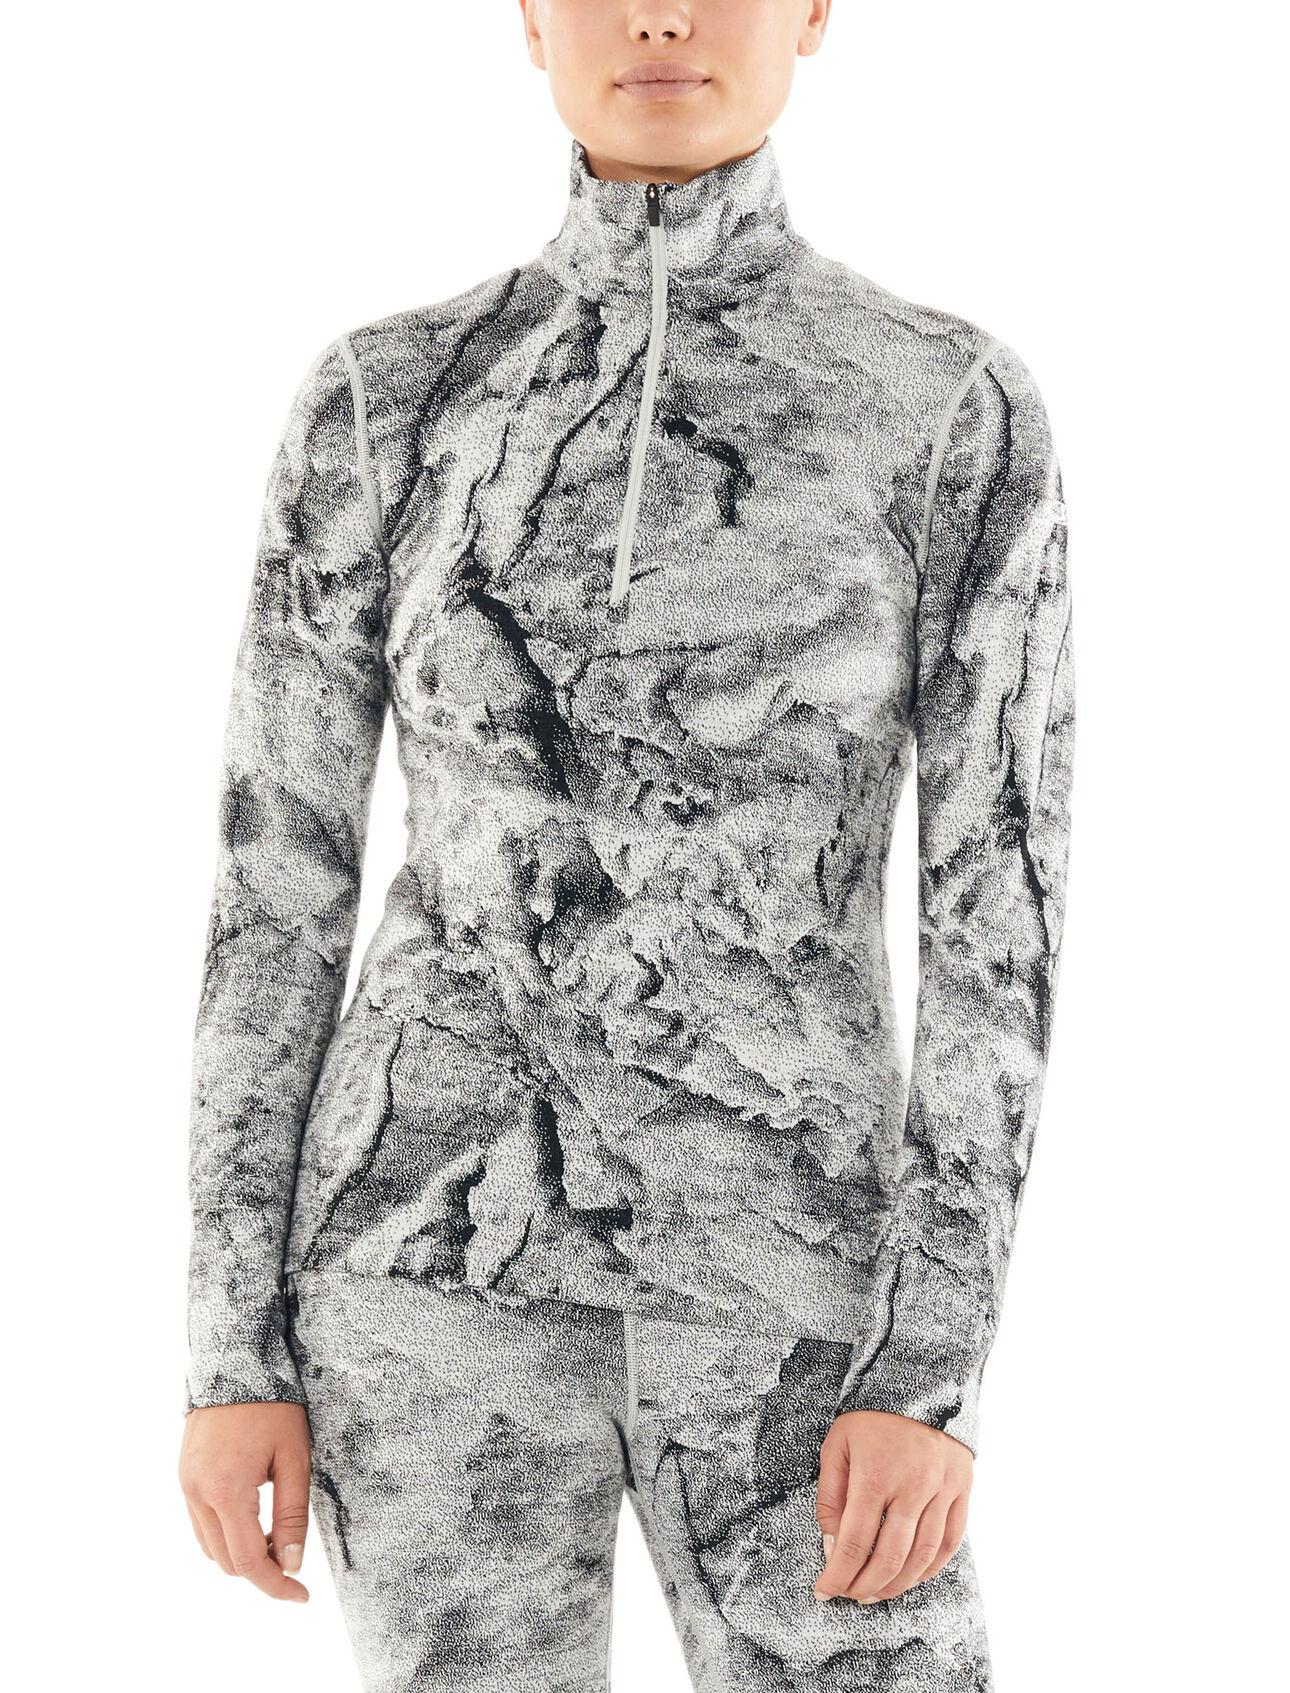 Icebreaker Wmns 250 Vertex LS Half Zip Crystalline Camiseta Manga Larga Mujer